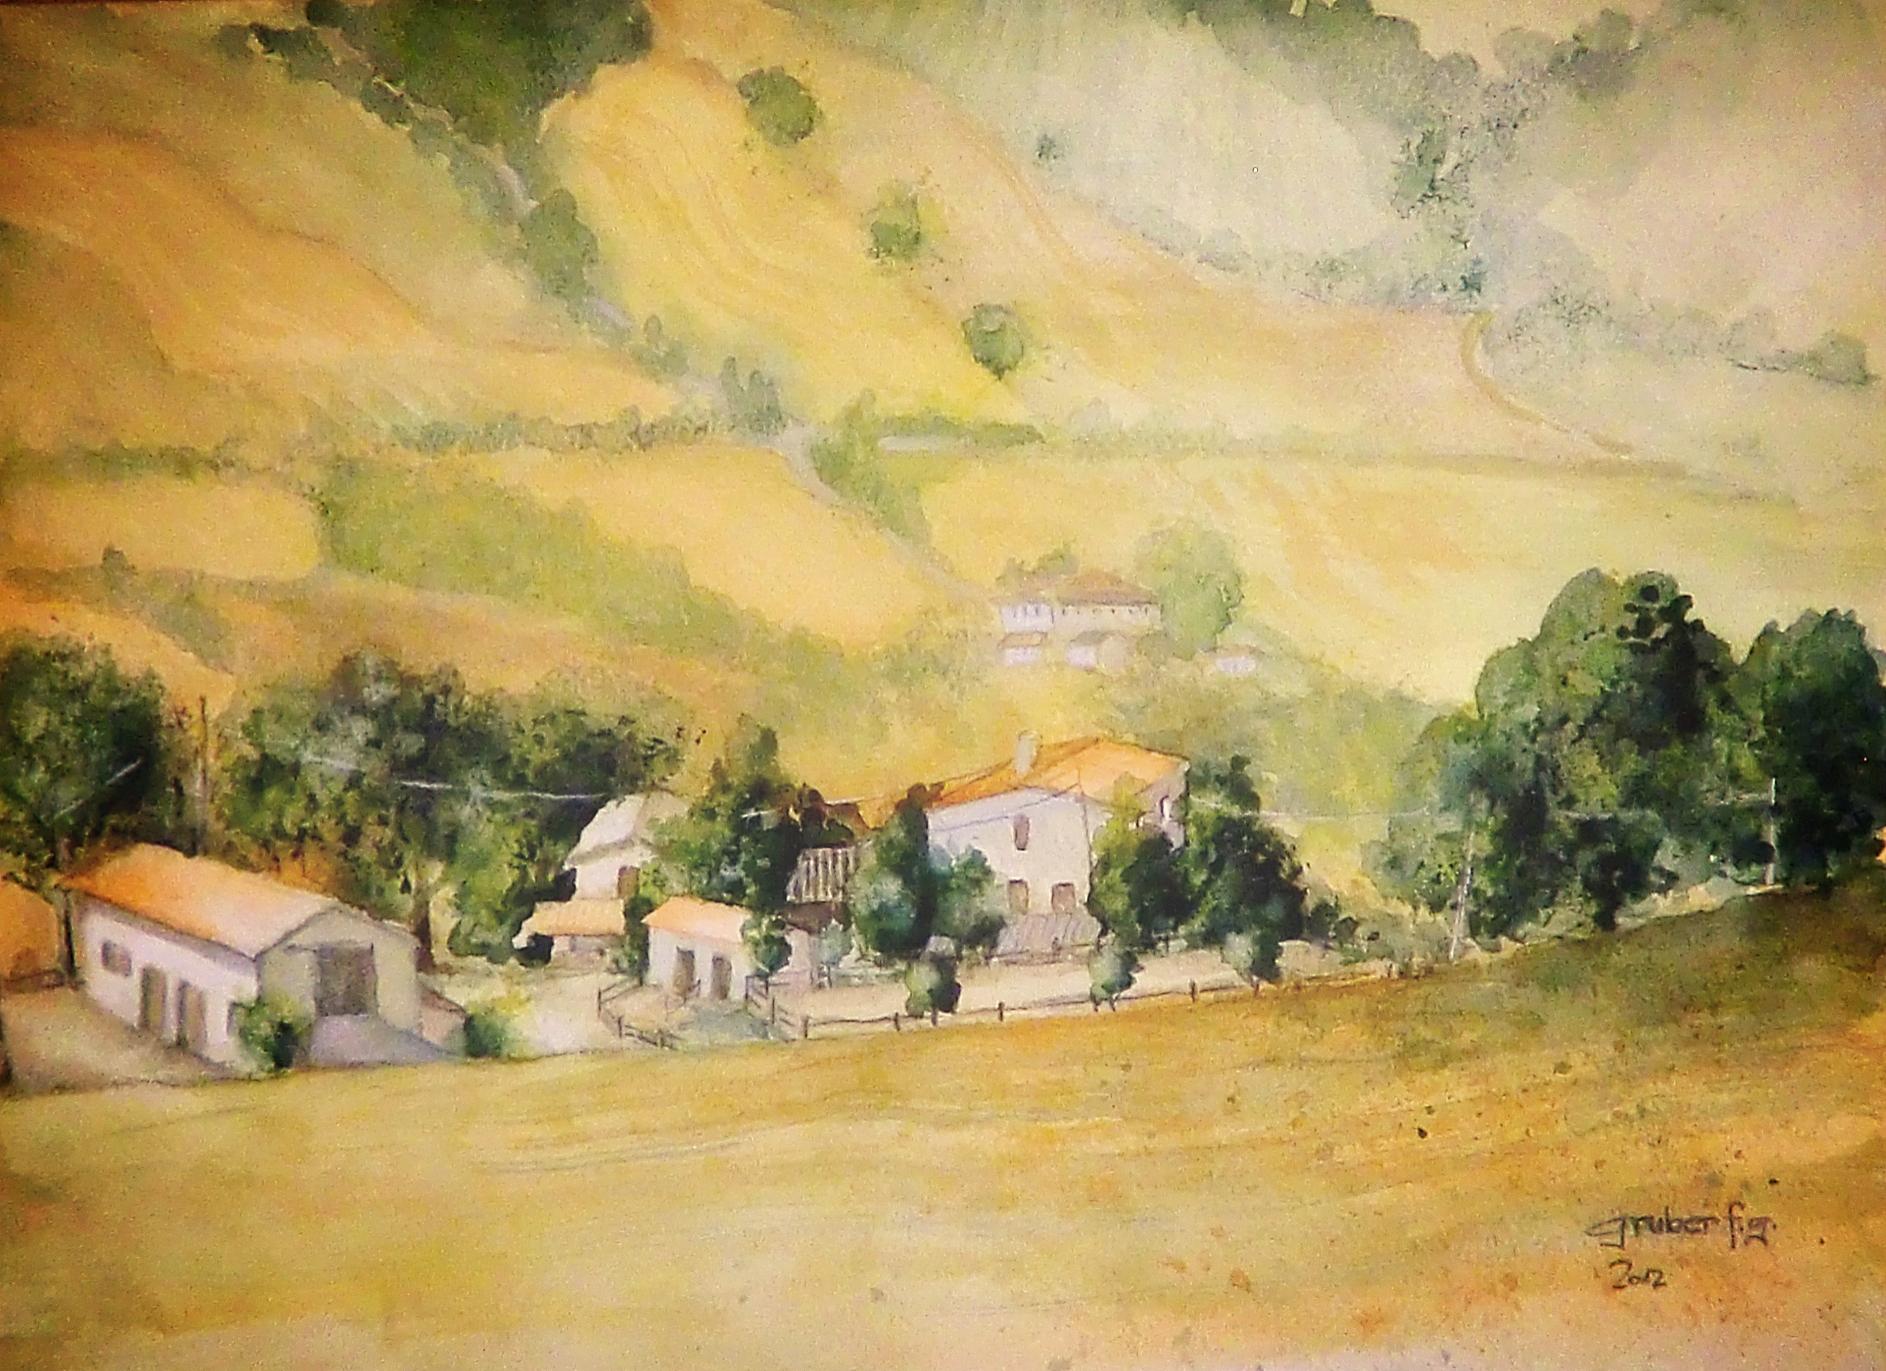 aquarell auf leinen - agriturismo a la vecchia quercia - pergola